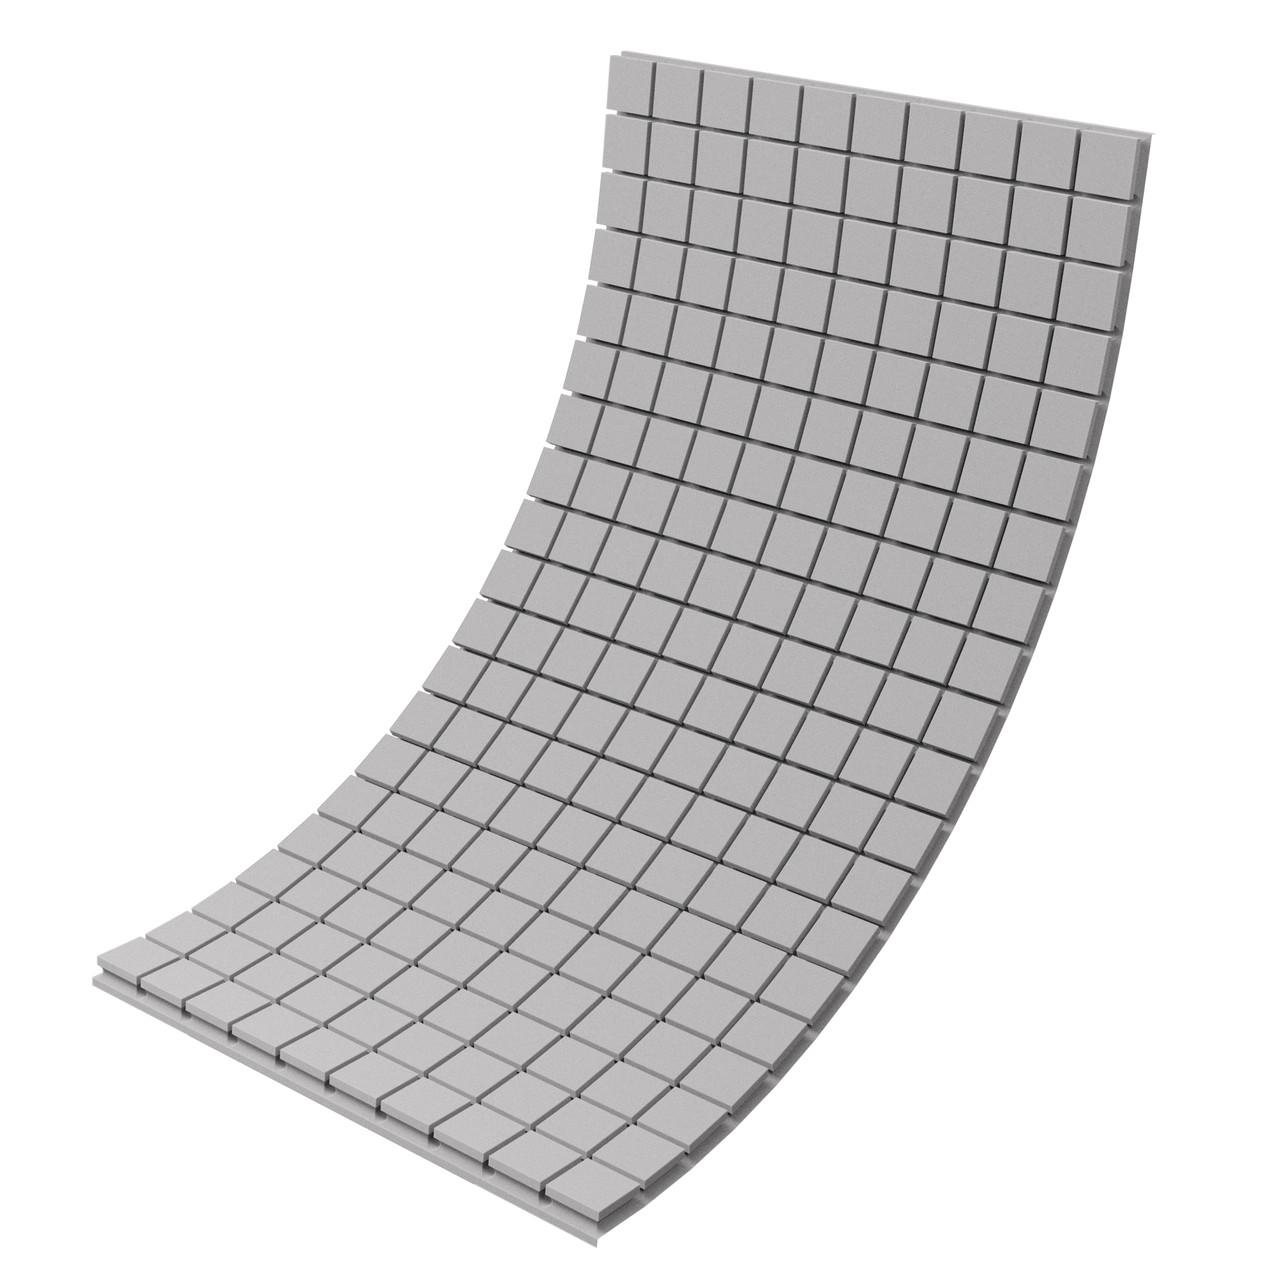 Панель из акустического поролона Ecosound Tetras Gray 100x200 см, 70 мм, серый